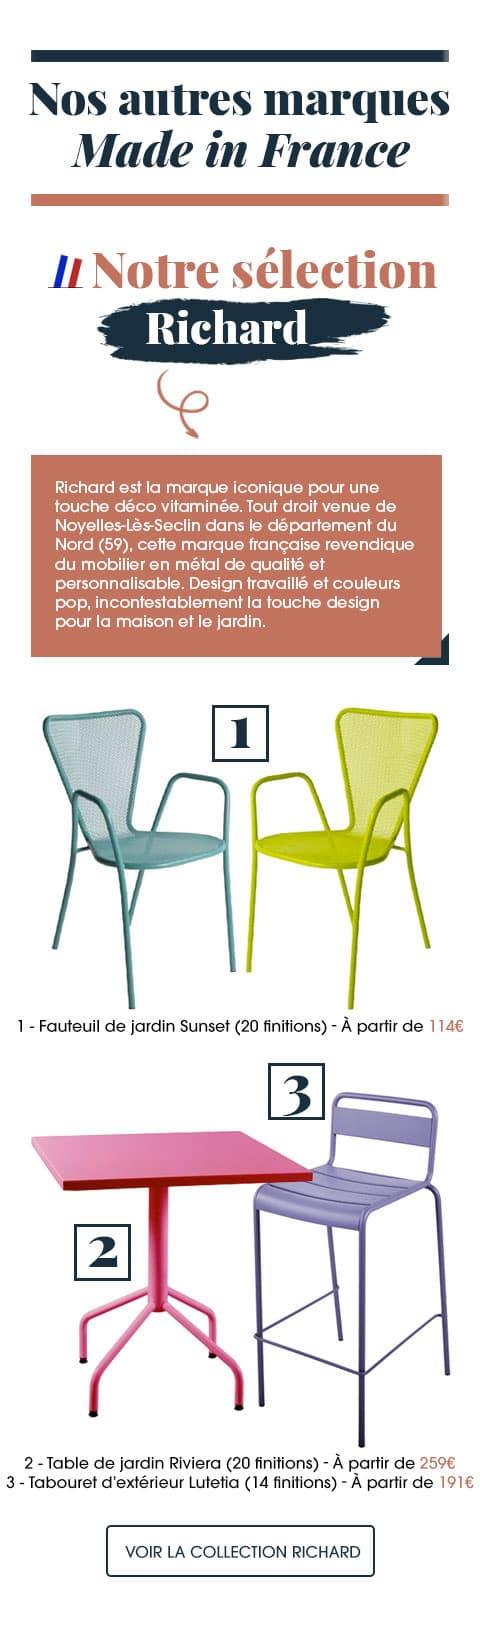 Découvrez aussi d'autres marques 100% made in France avec le fabricant de mobilier Richard, la marque iconique pour une touche déco vitaminée.